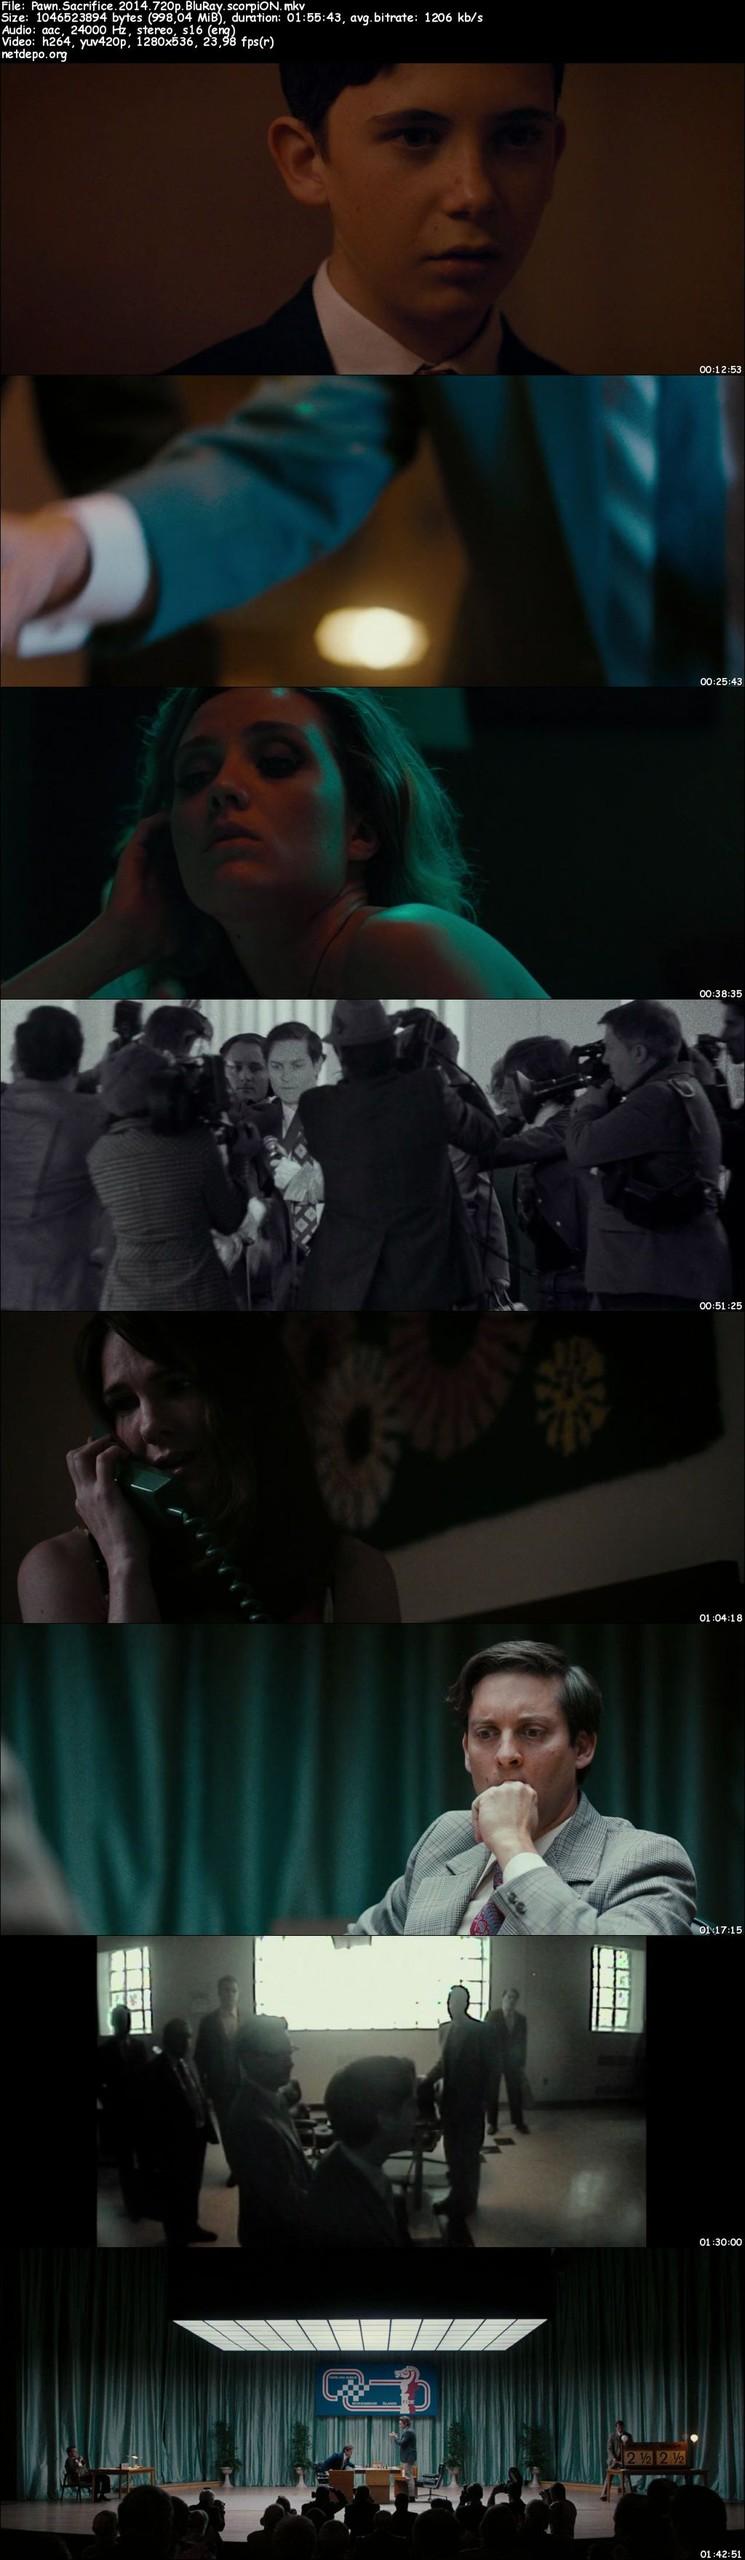 Şah Mat - Pawn Sacrifice (2014) m720p BluRay Türkçe Altyazı indir